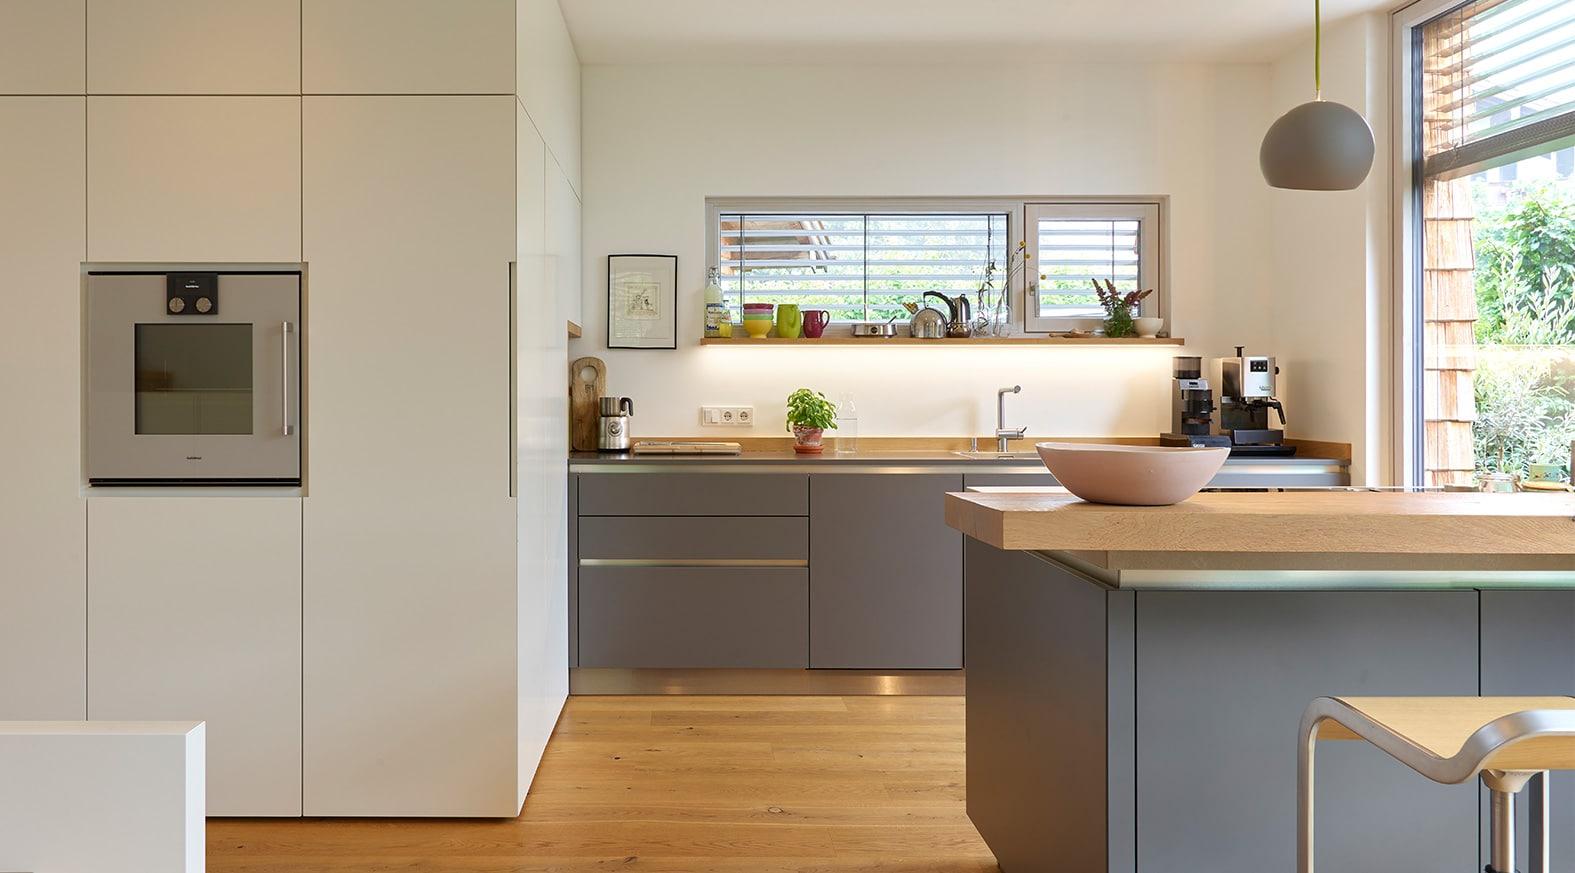 Küchendesign von VOIT aus Beton in Kombination mit MDF Fronten und Regalen in weiß